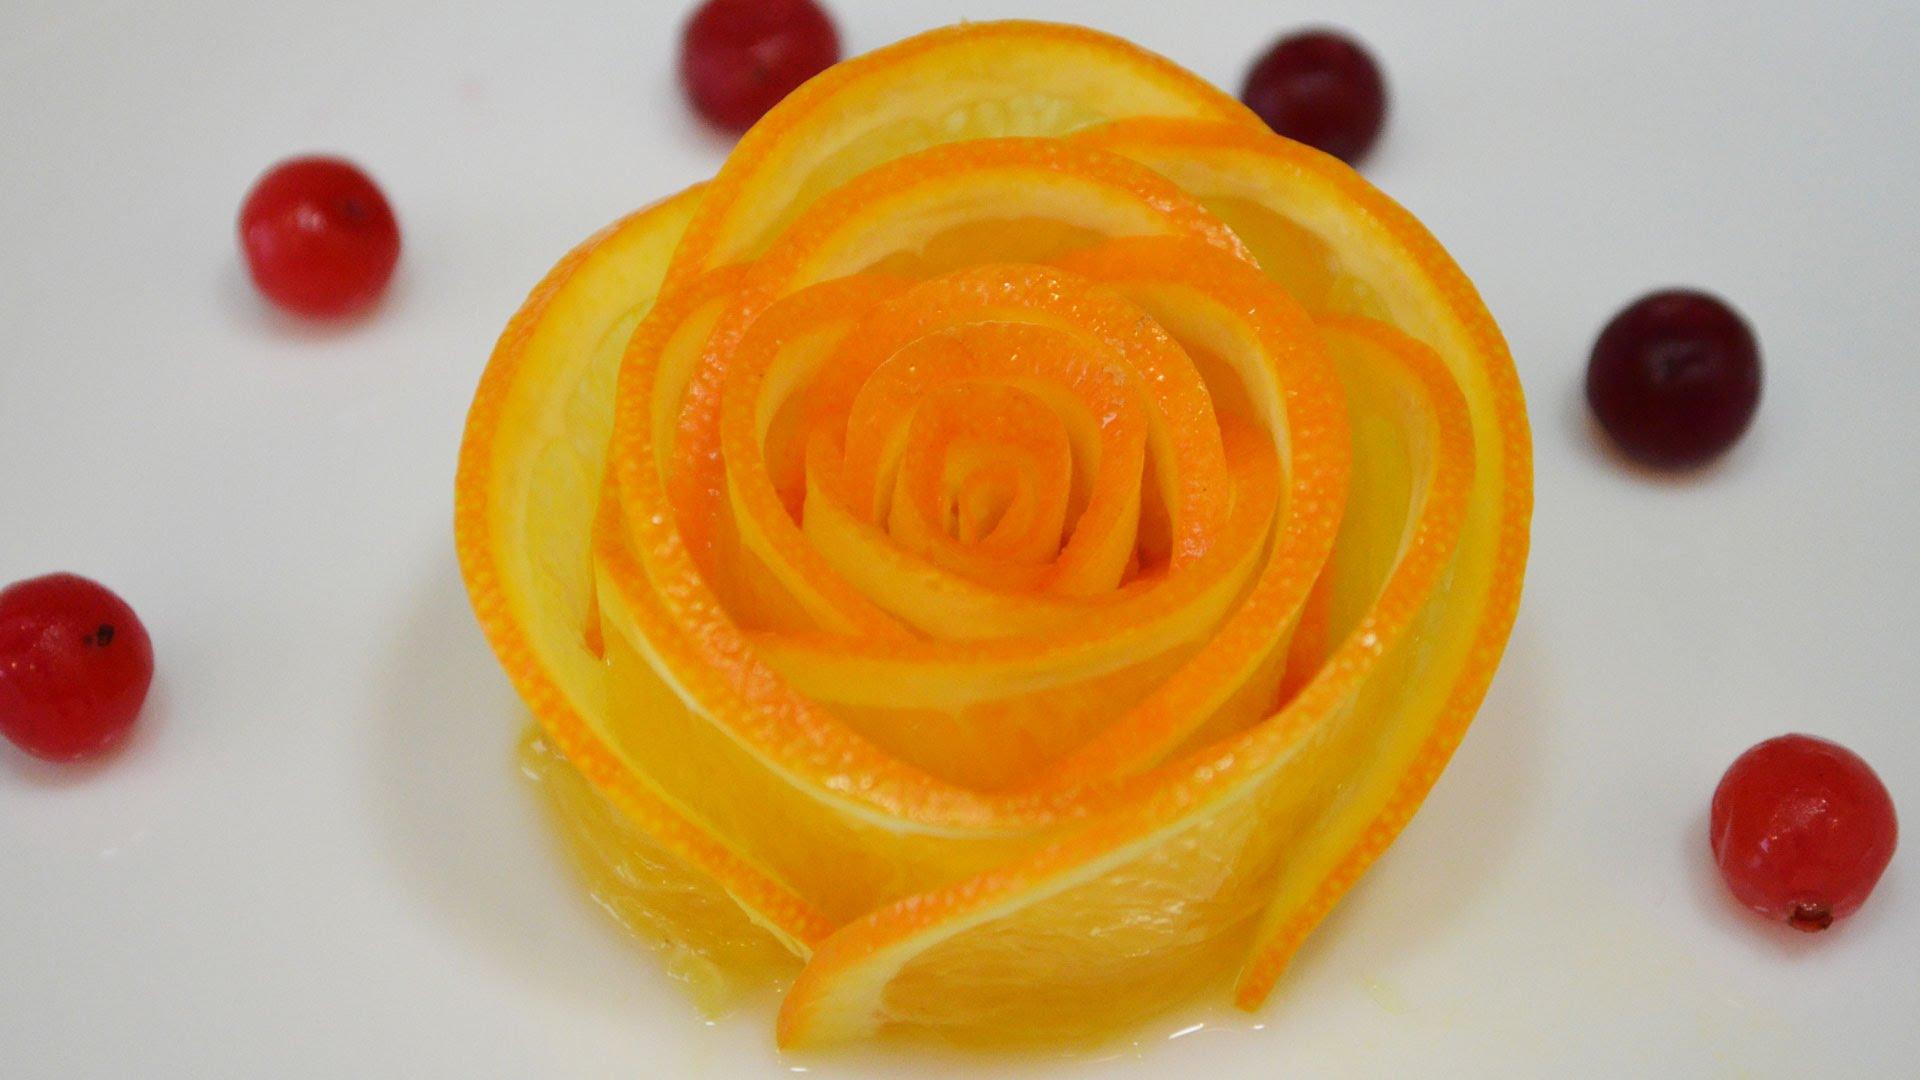 модели известной как сделать розочку из лимона фото опубликованном канале